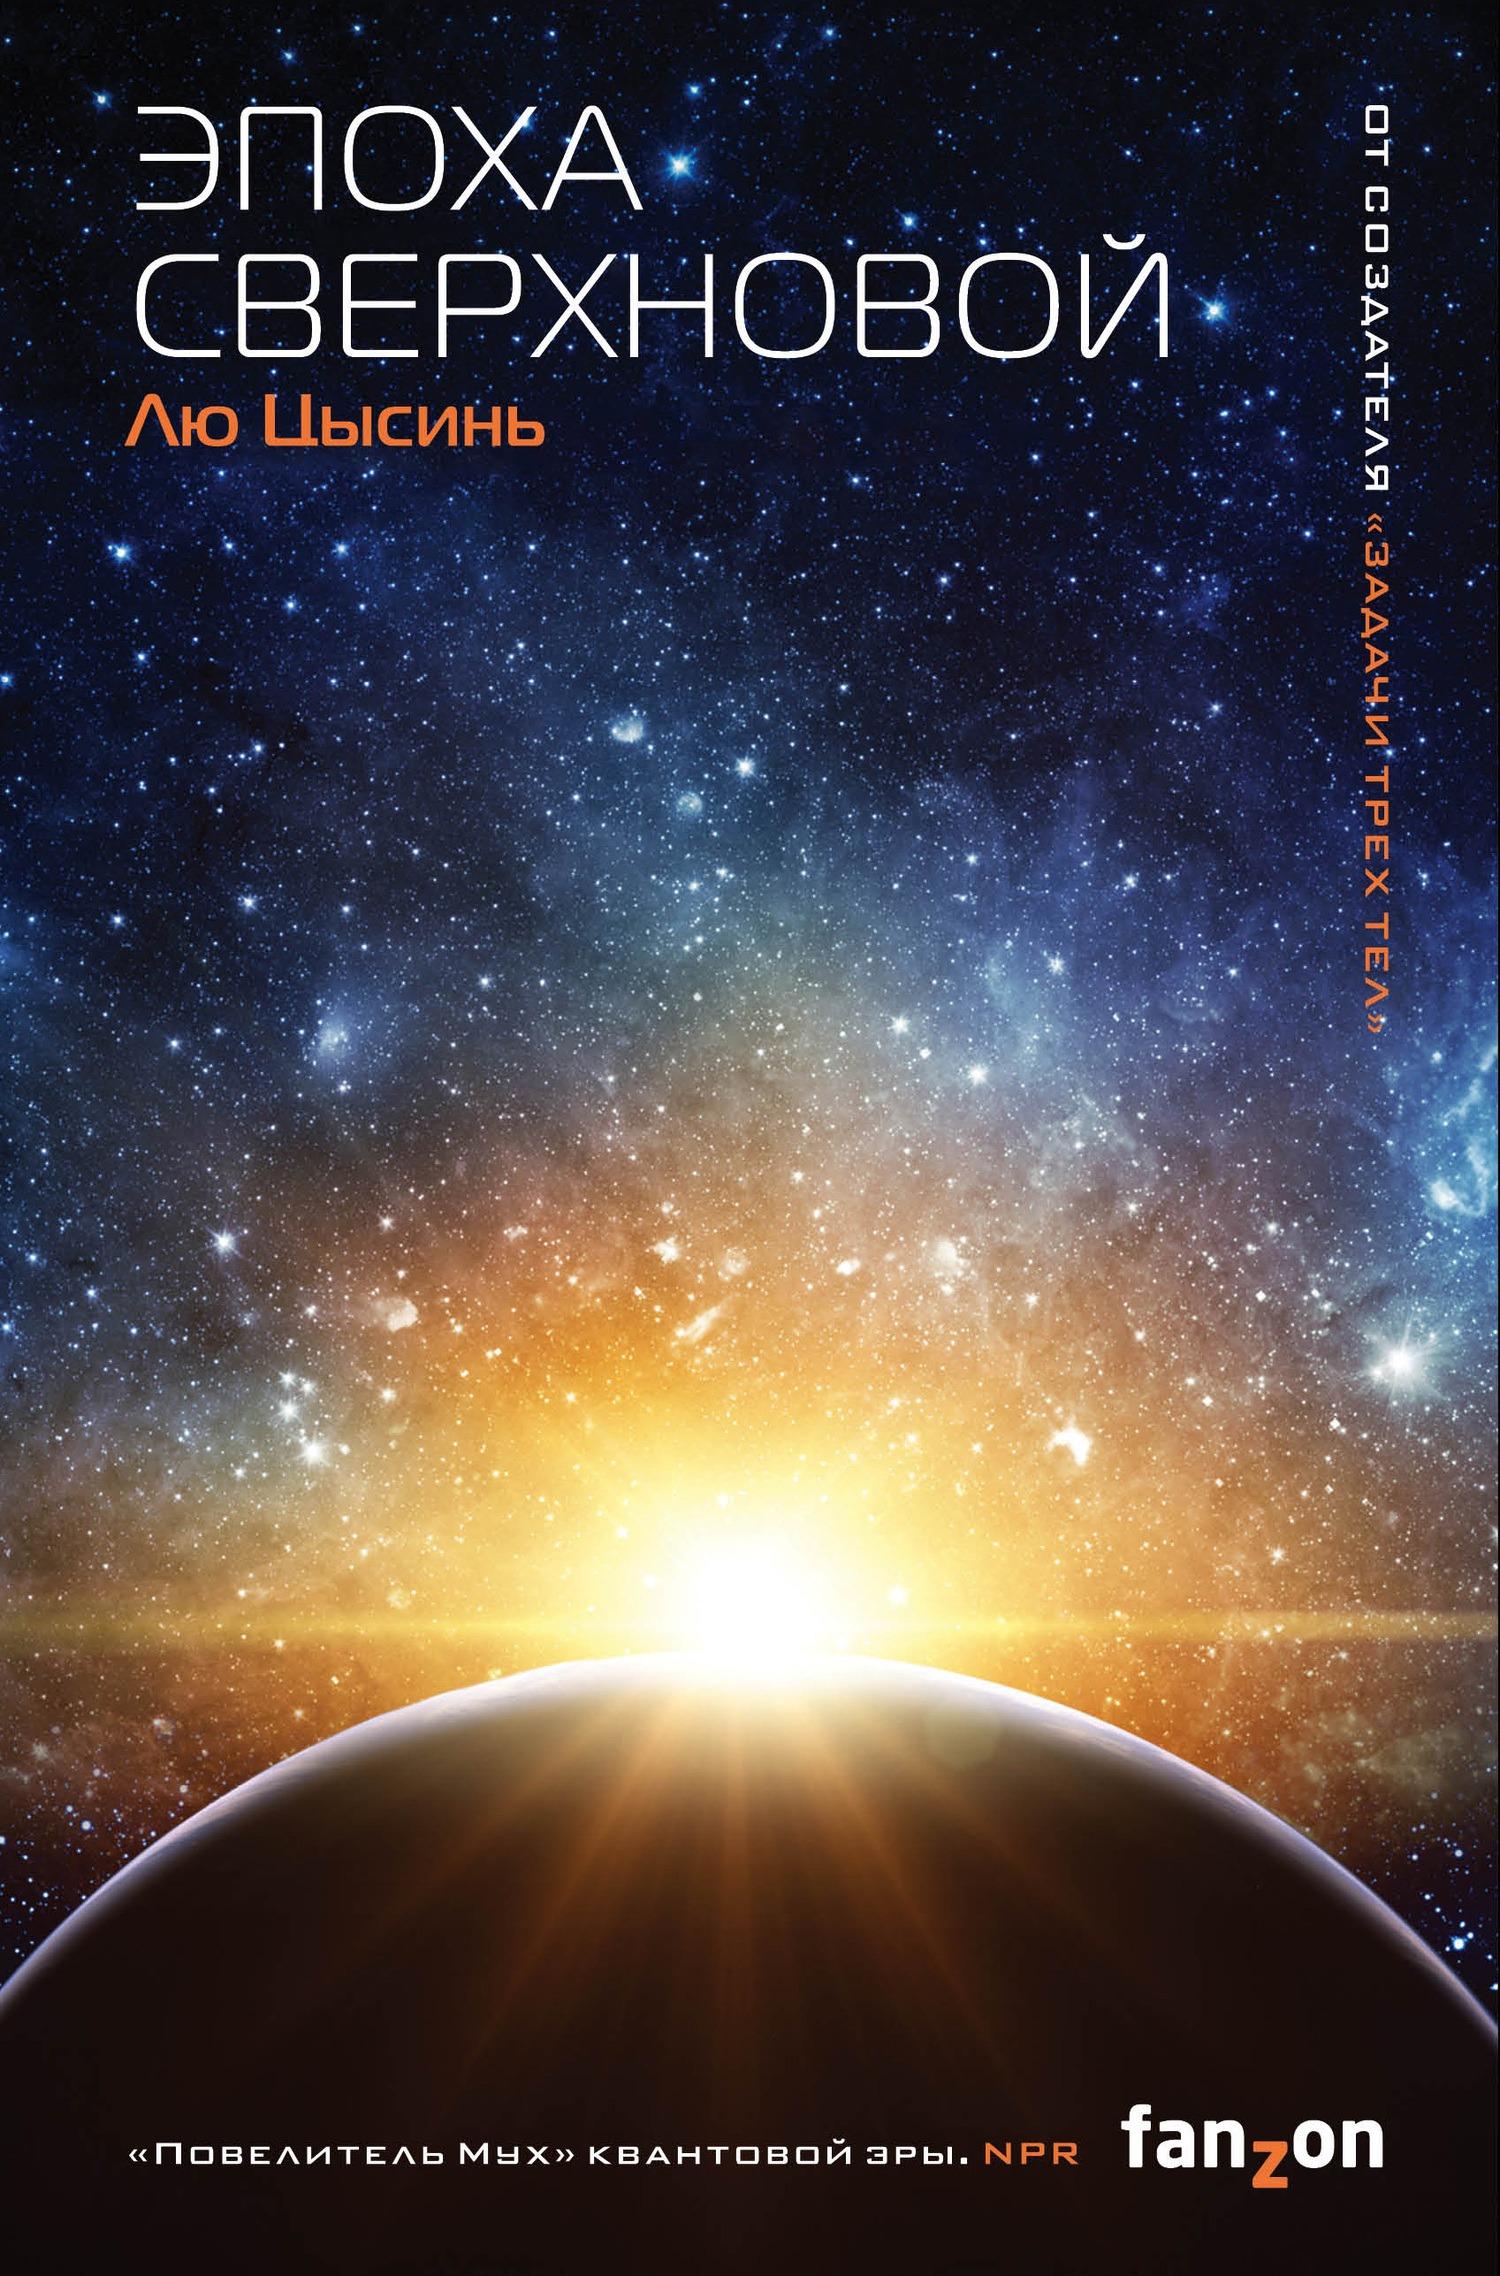 Скачать бесплатно Эпоха сверхновой